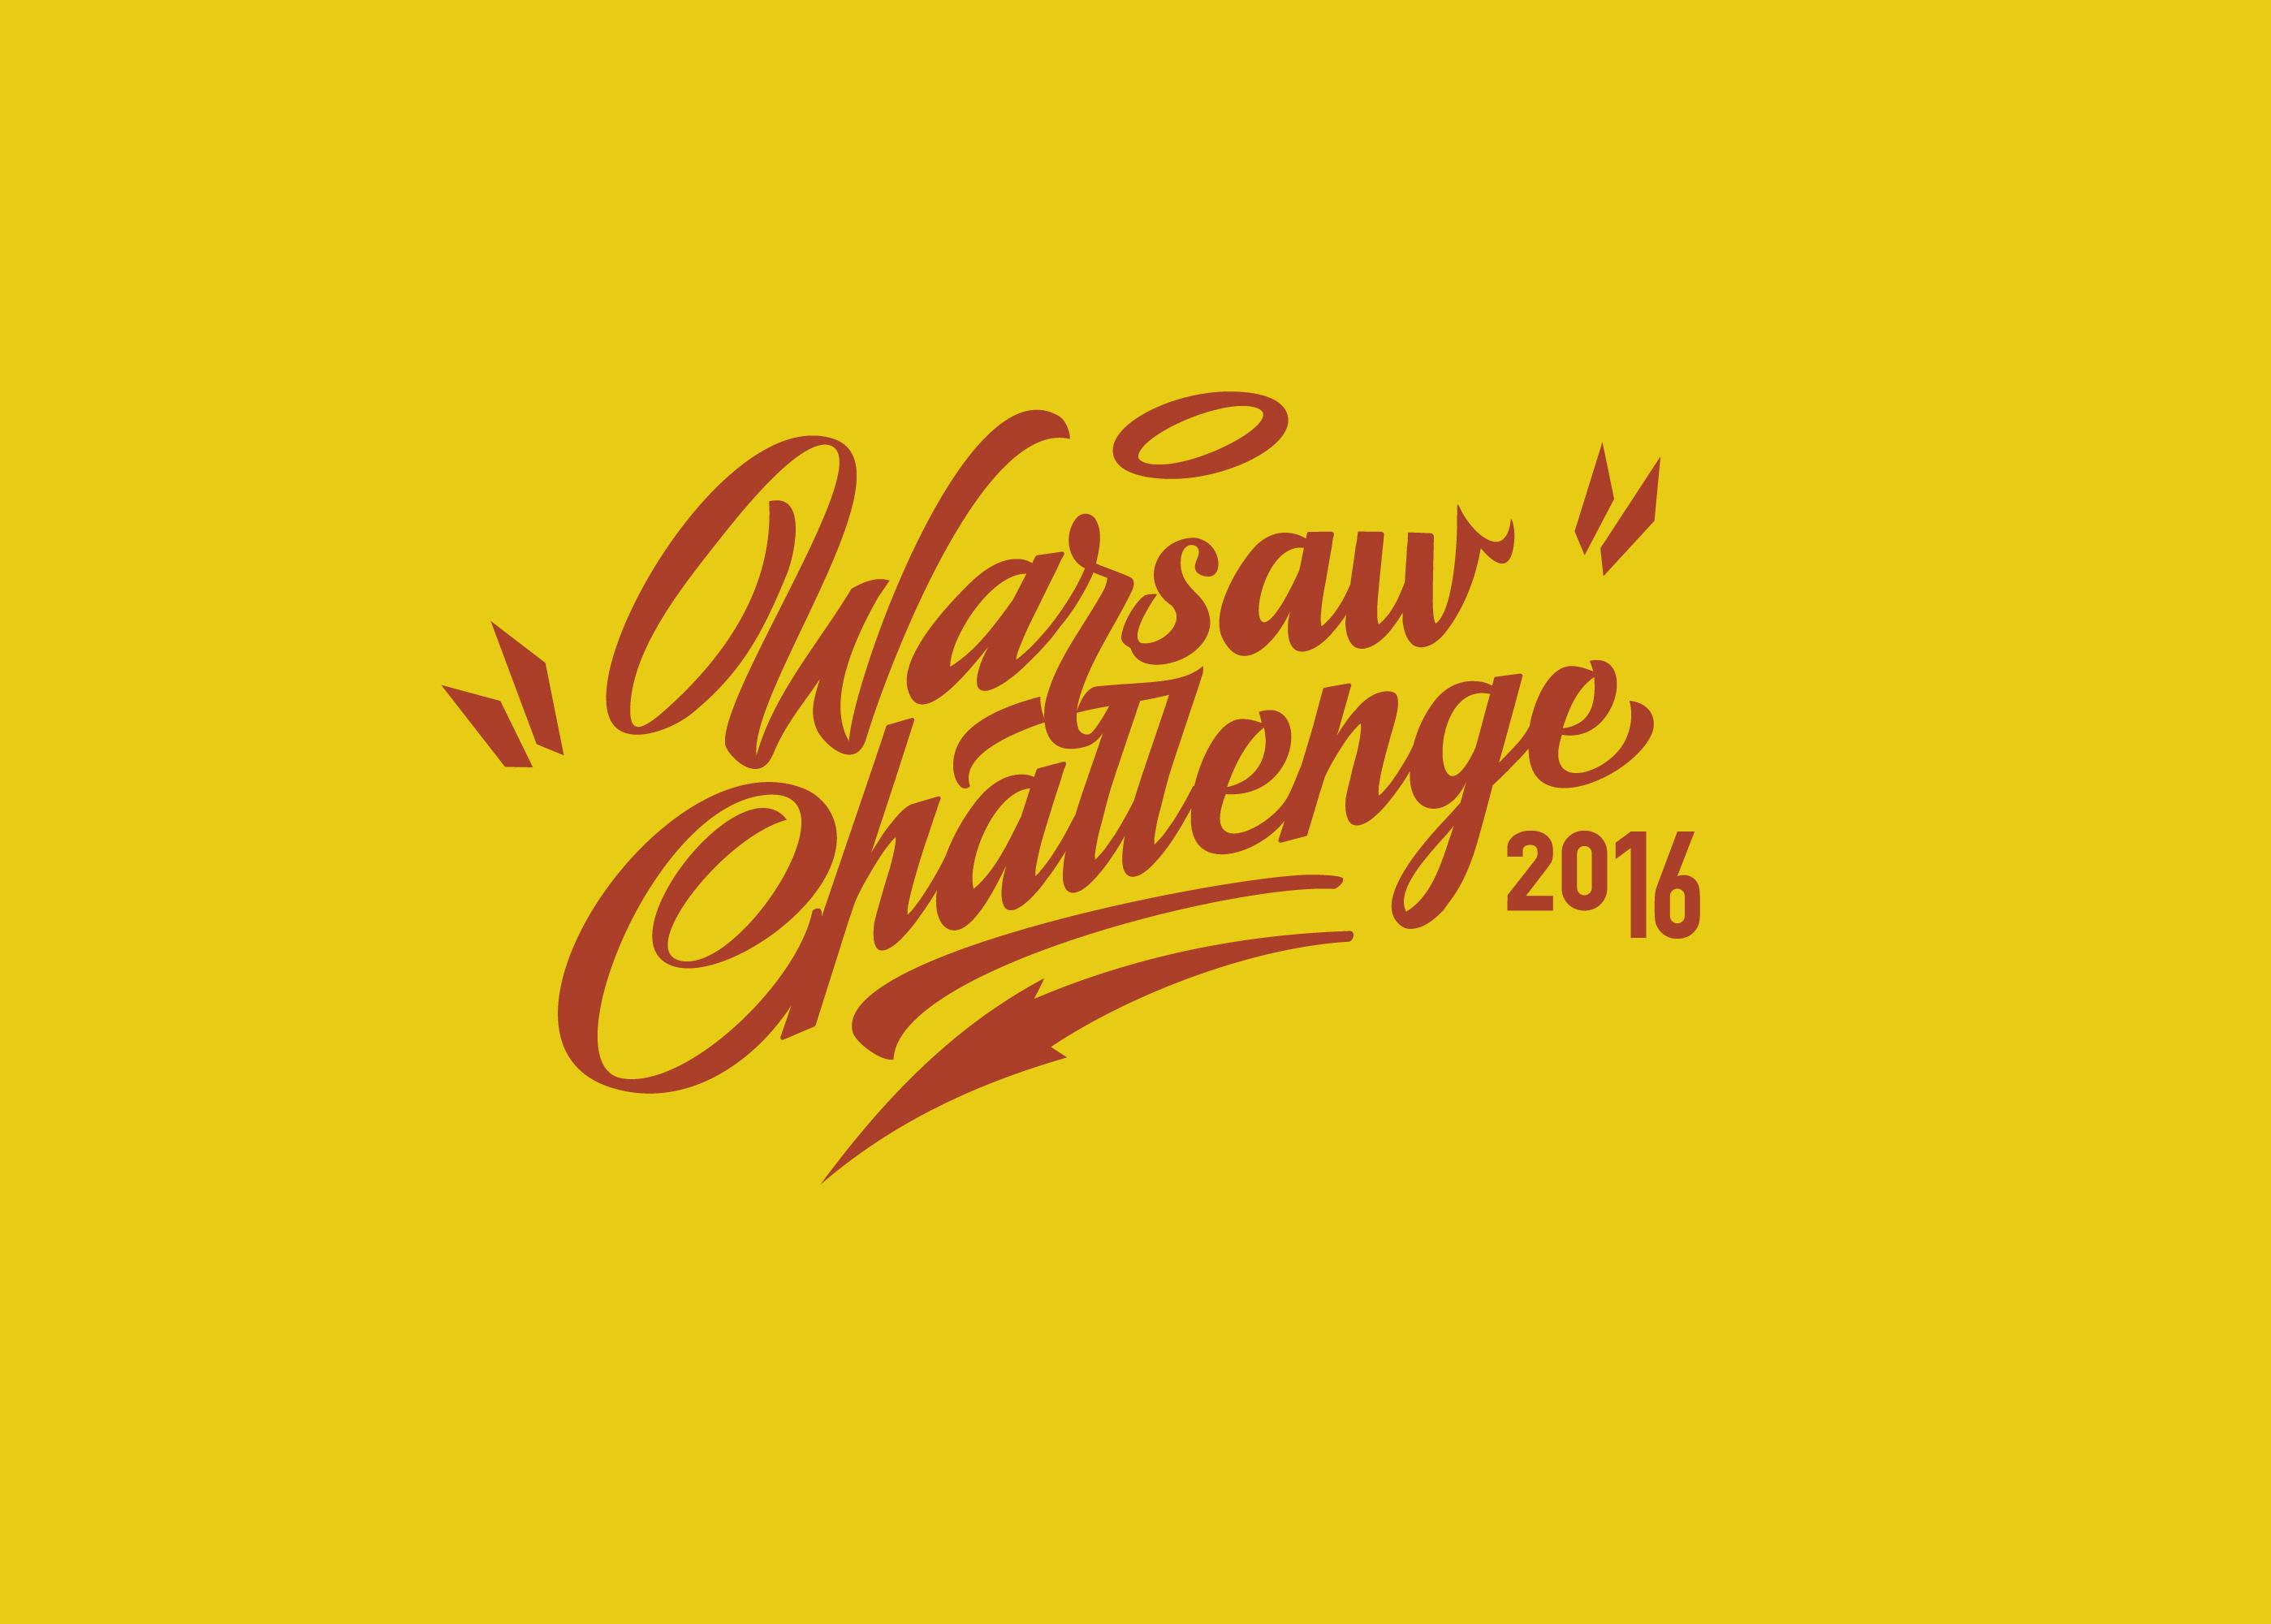 Warsaw Challenge 2016, czyli dwa dni nieustającej imprezy breakdance